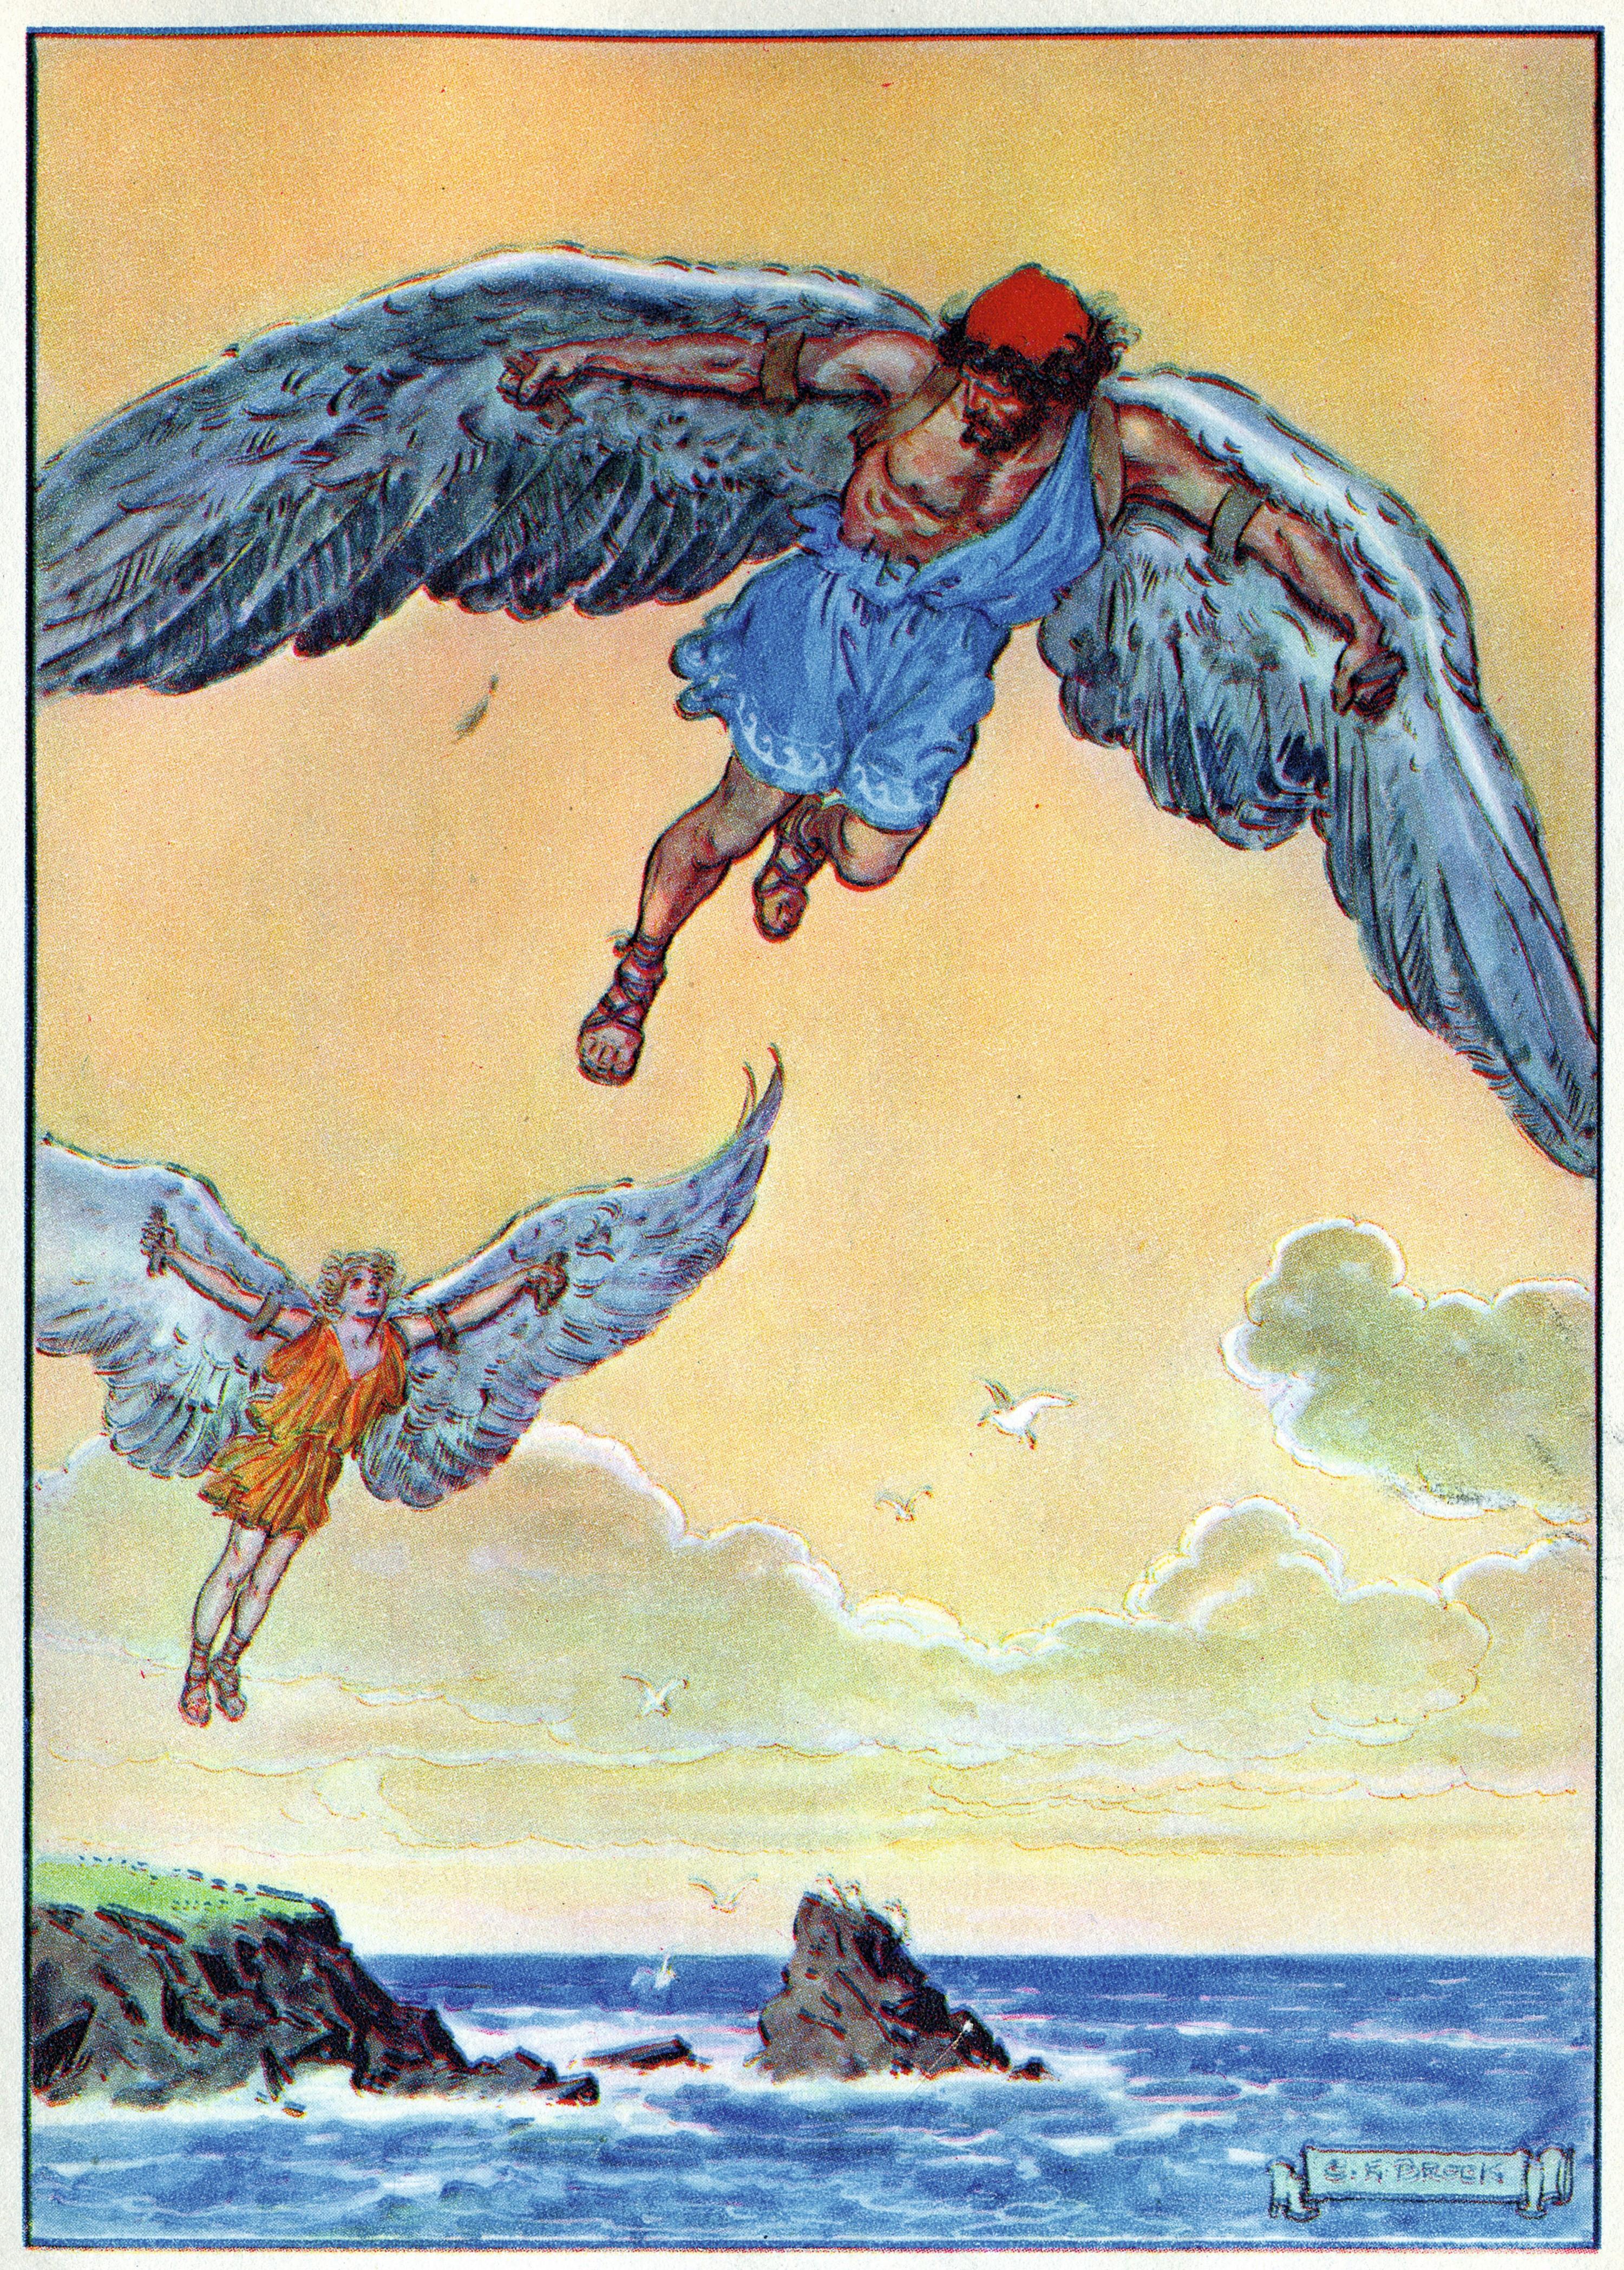 Charles Edmund Brock, Dédale et Icare, début du XXe siècle, lithographie, coll. privée.